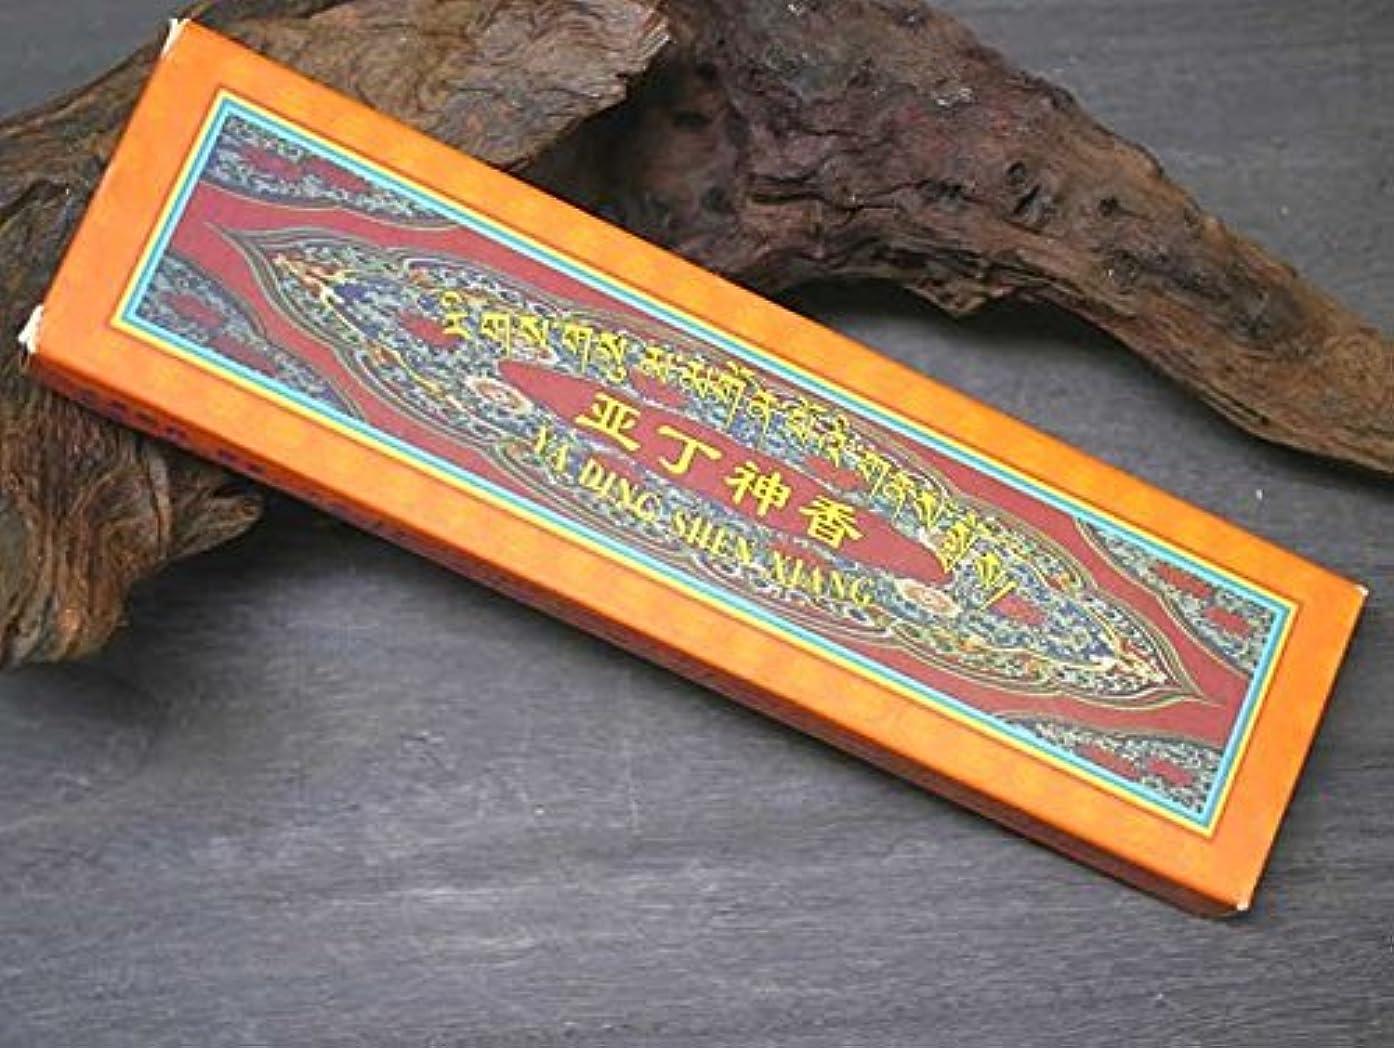 本会議知的違反する中国香 甘孜チベット自治州のお香【丁神香】